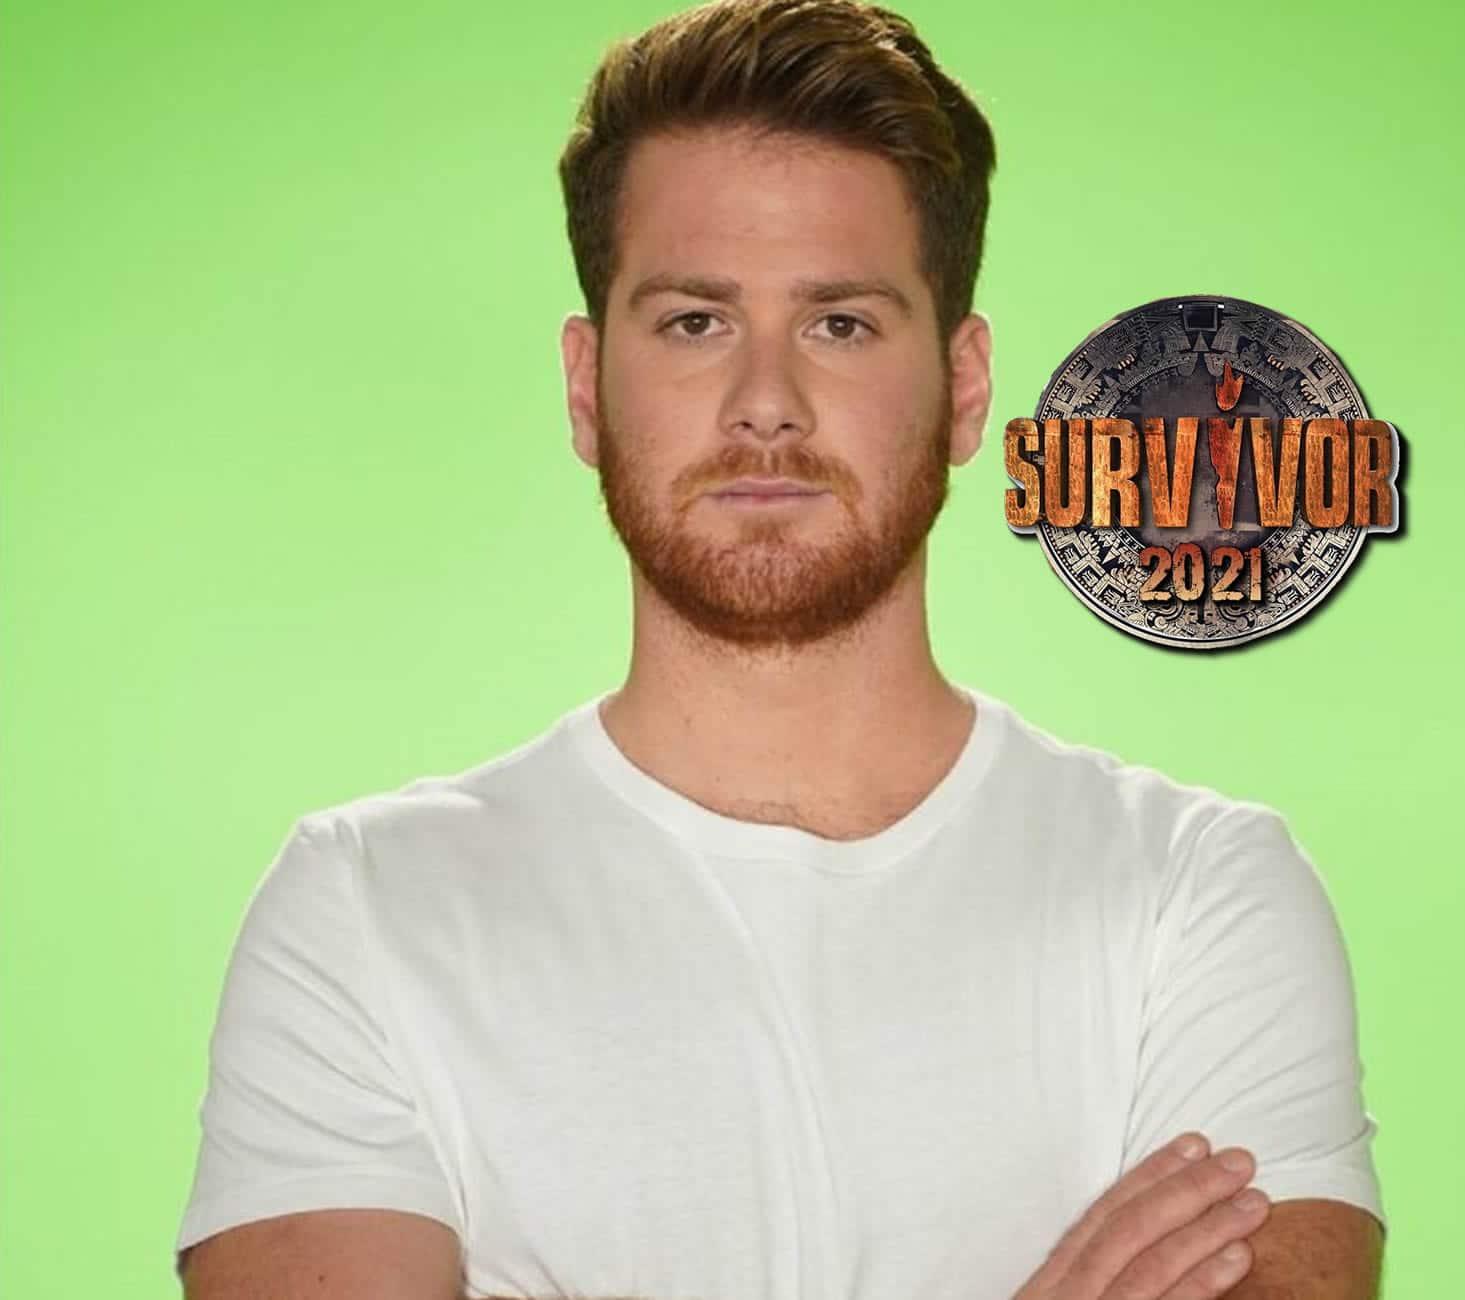 Survivor 2021, James Καφετζής